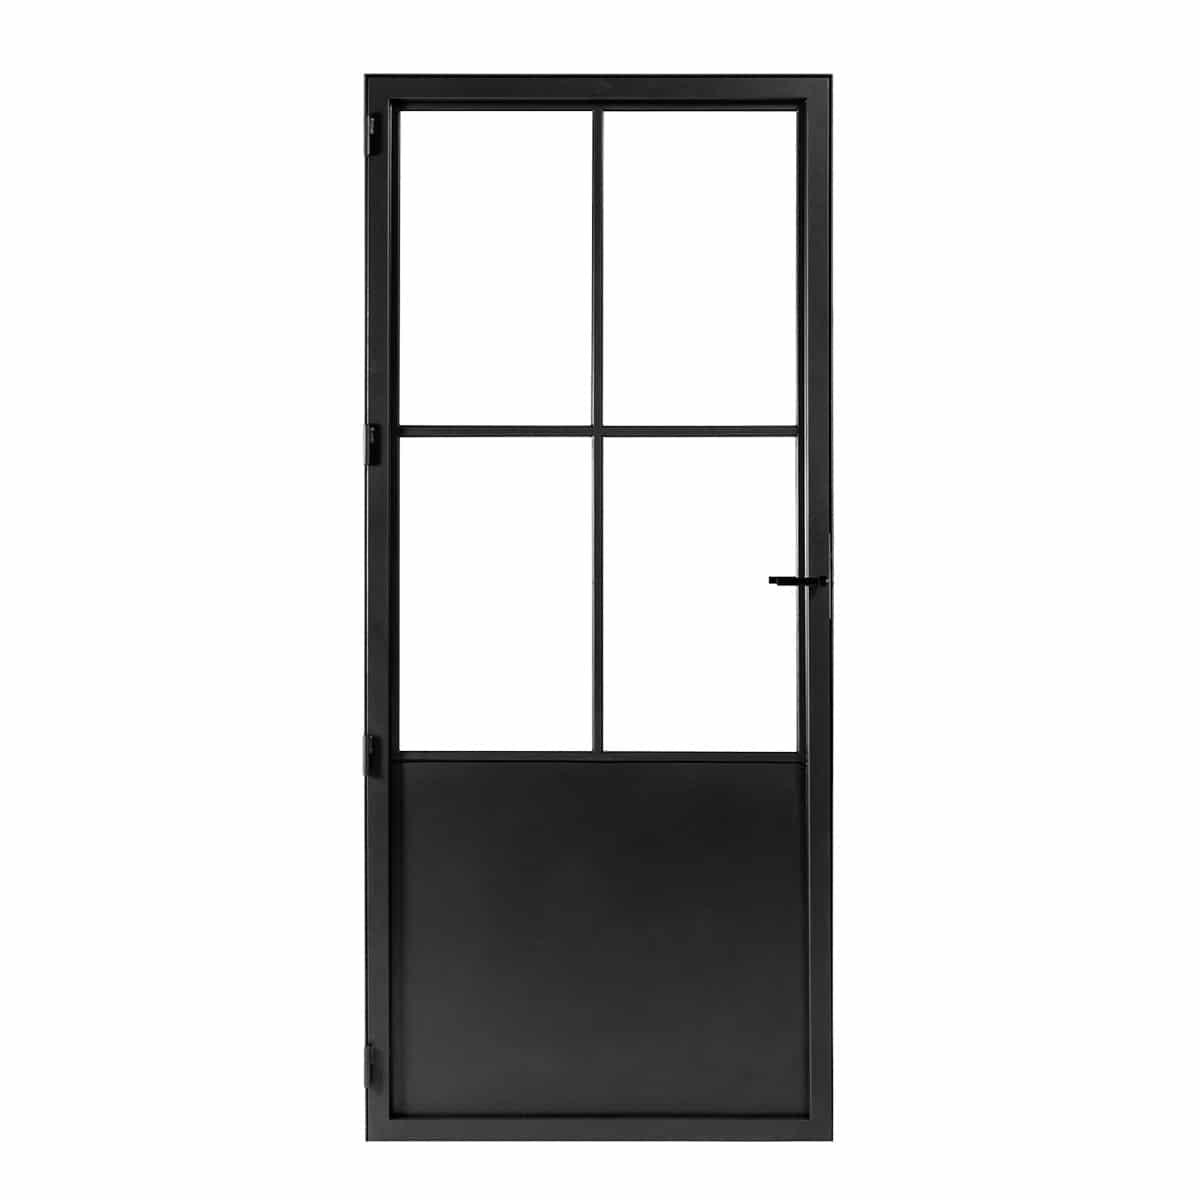 Steelit Classic 4 door